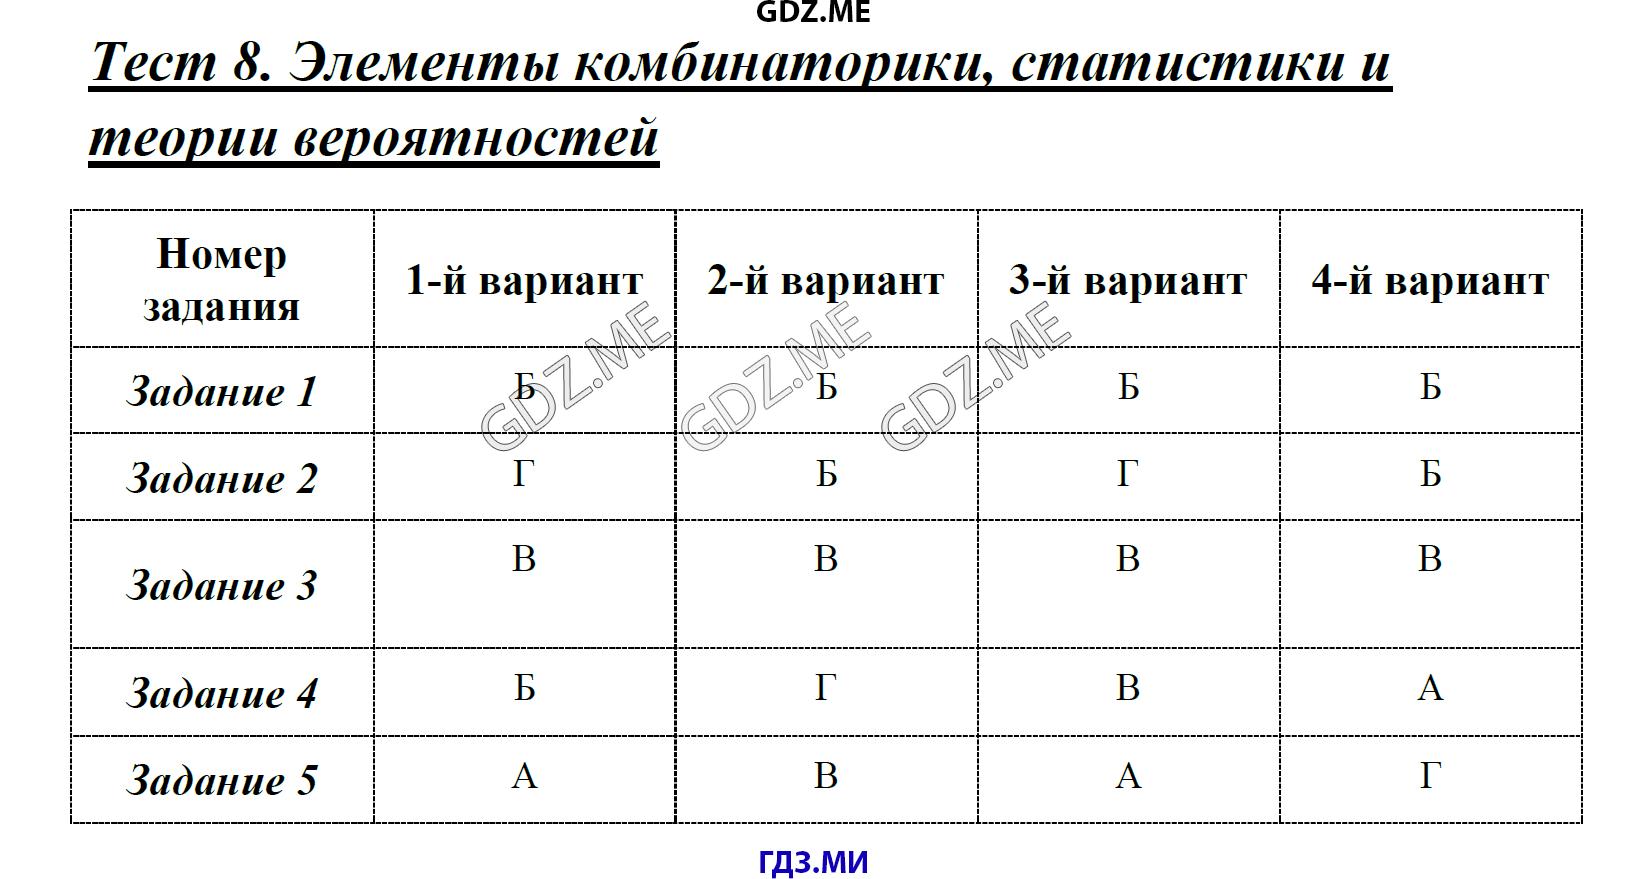 Решение на тесты по алгебре свойства функций 9 класс